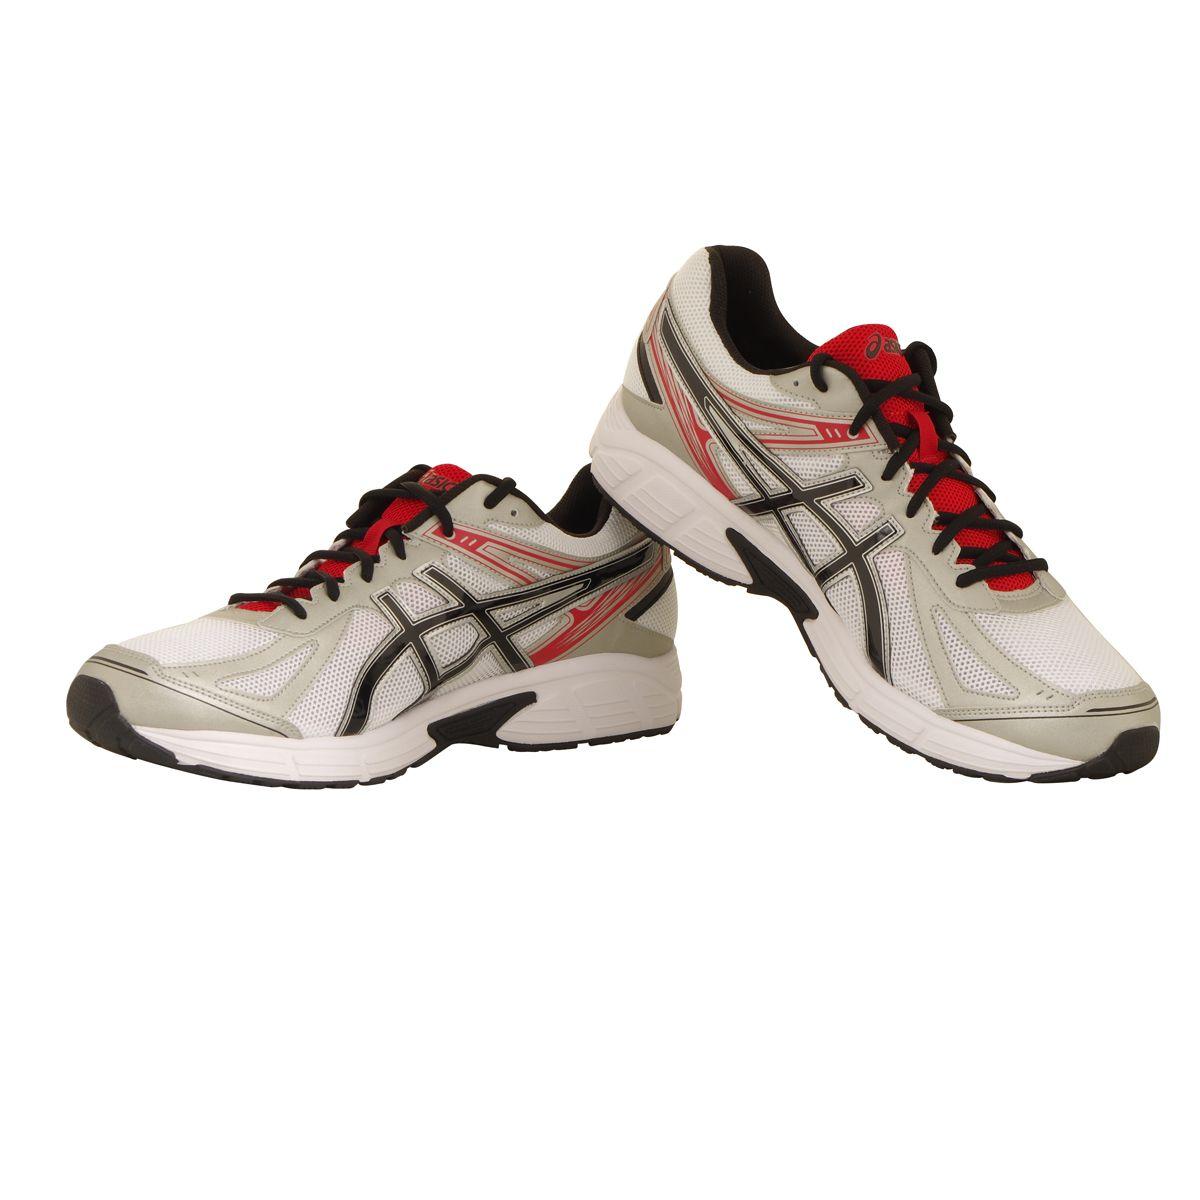 chaussures blanches et noires grande taille du 47 au 50 5 size factory asics. Black Bedroom Furniture Sets. Home Design Ideas